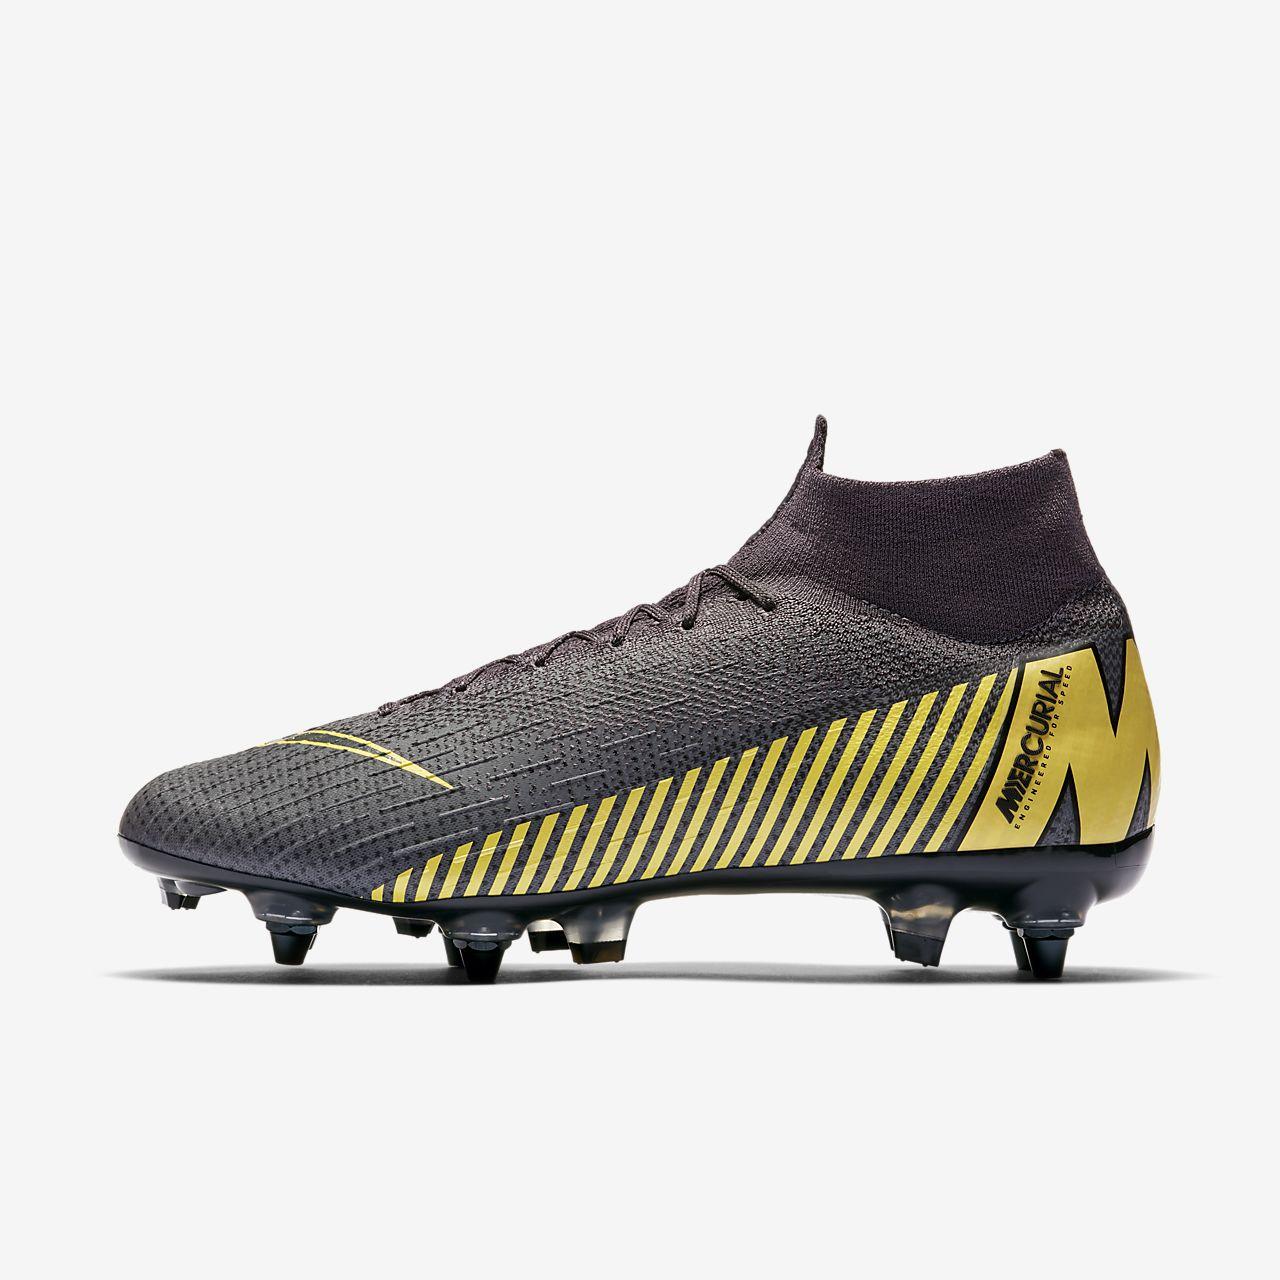 Ποδοσφαιρικό παπούτσι για μαλακές επιφάνειες Nike Mercurial Superfly 360 Elite SG-PRO Anti-Clog